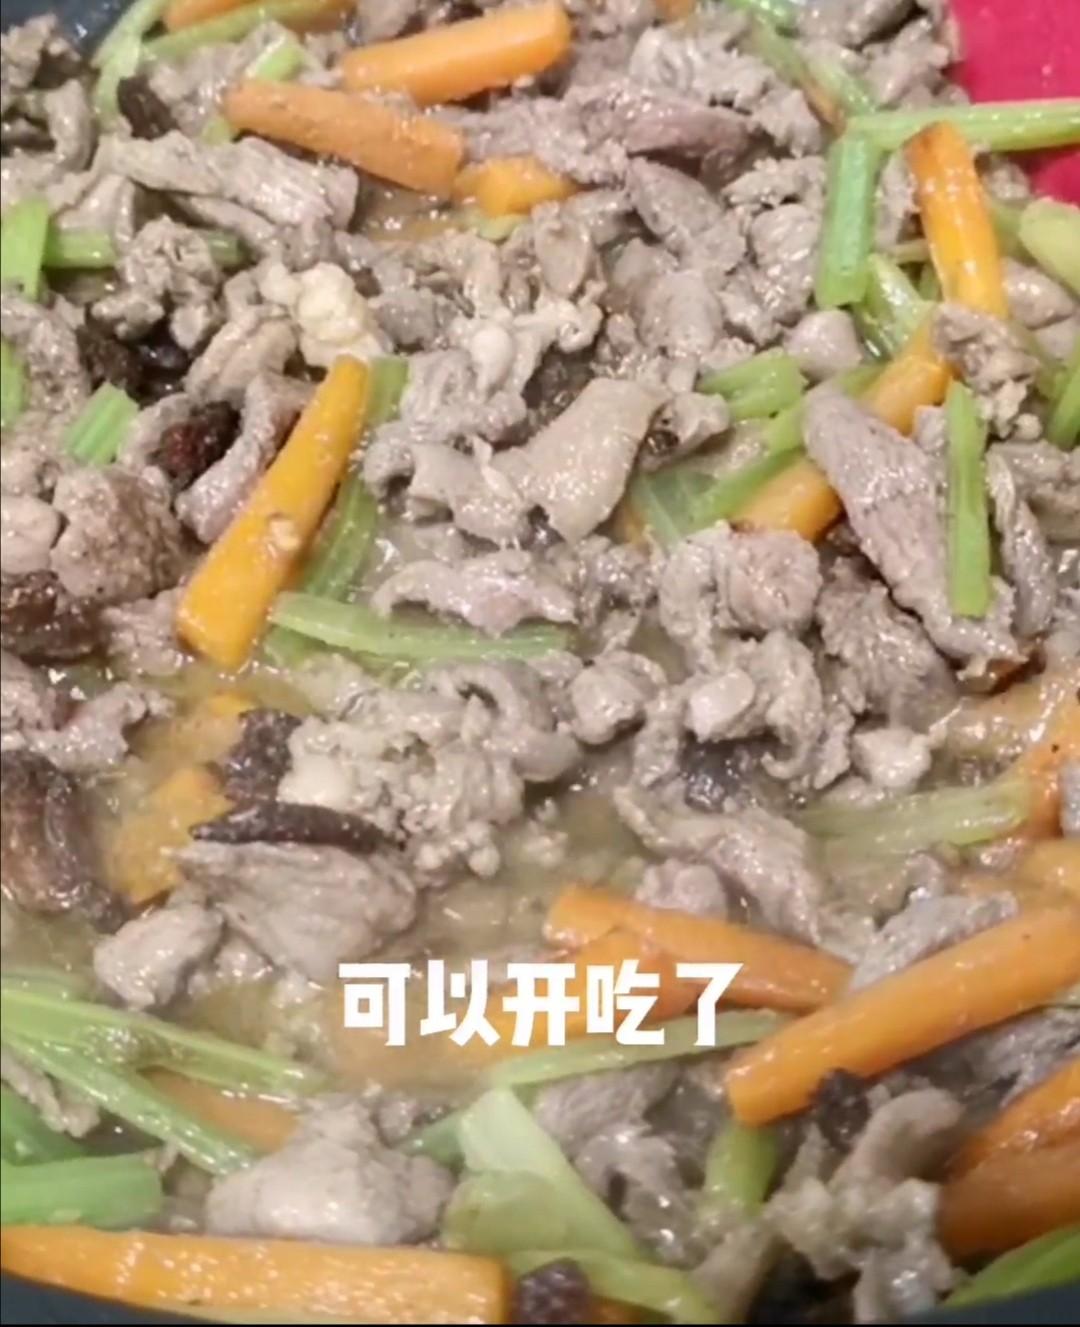 沙茶鸭肉怎么煮